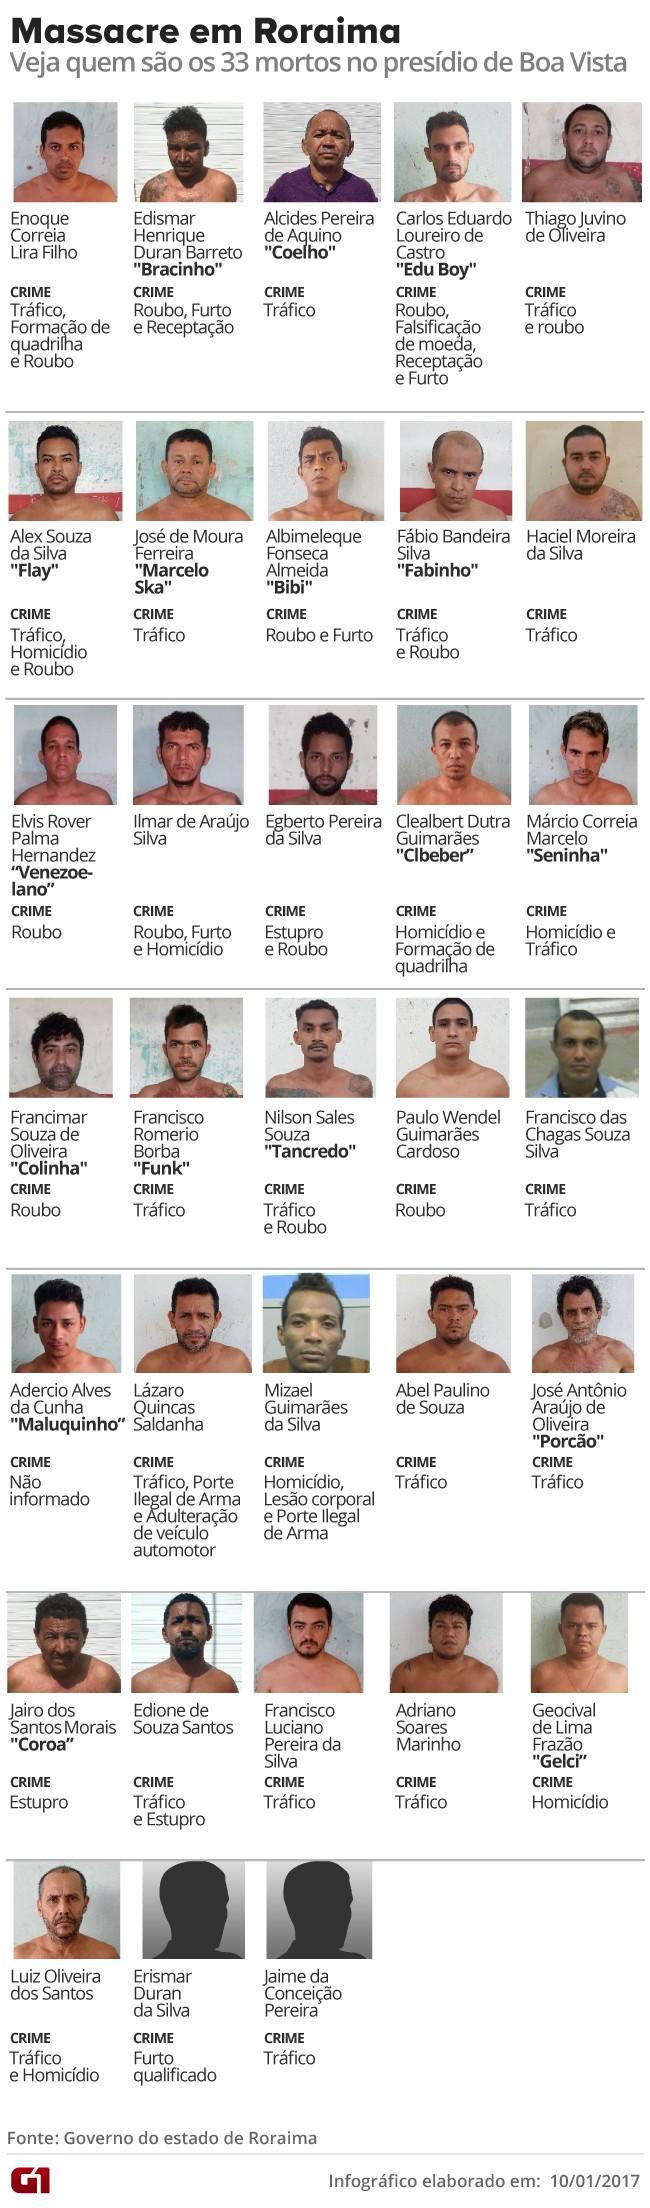 Massacre em Roraima: mortes - versão 2 (Foto: Arte/G1)